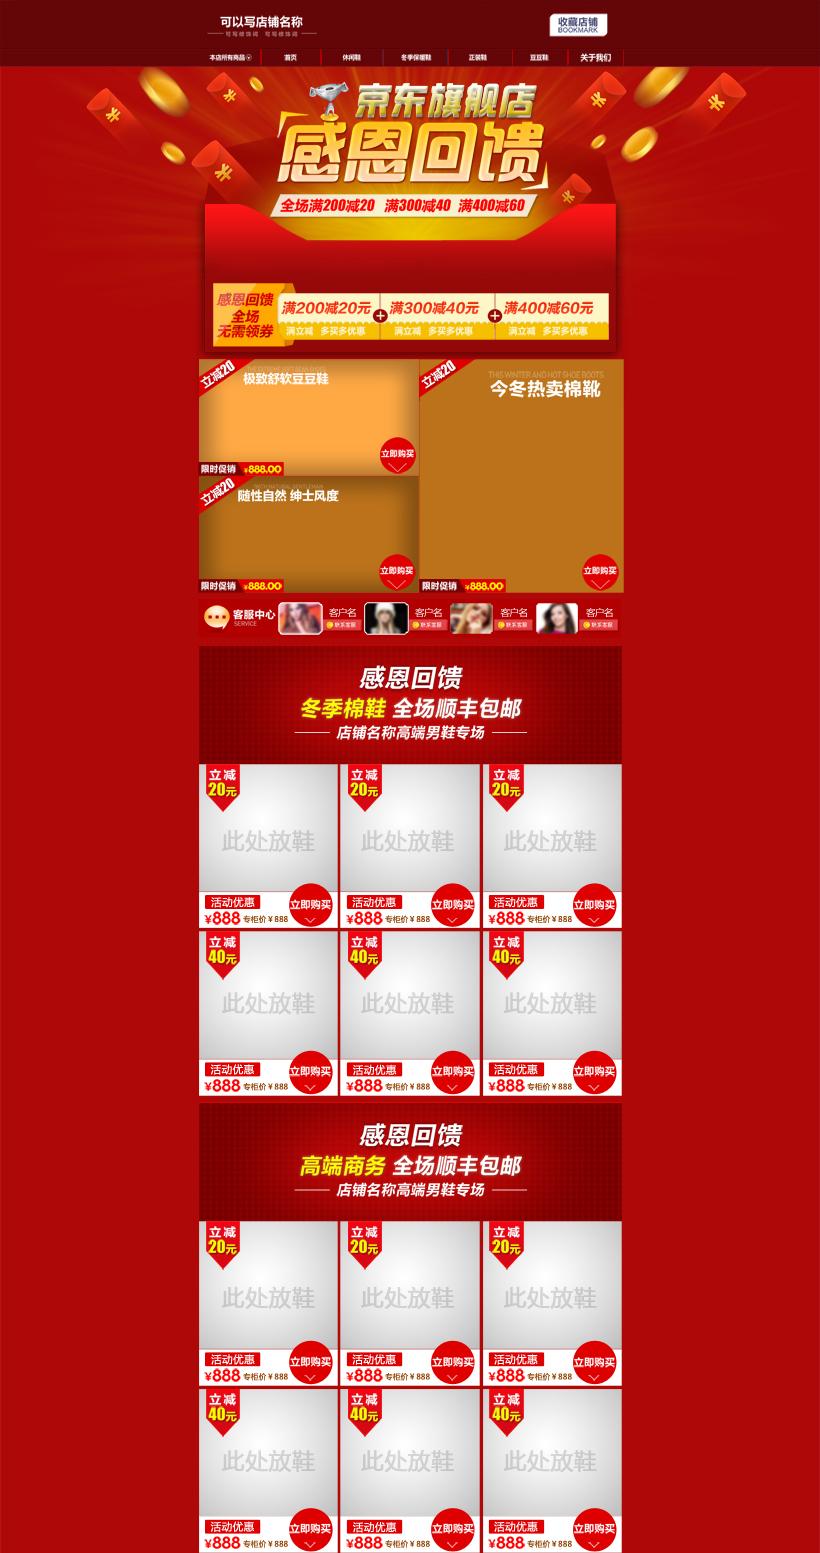 模板天猫装修淘宝海报感恩促销淘宝宣传宣传海报促销海报淘宝促销店铺图片